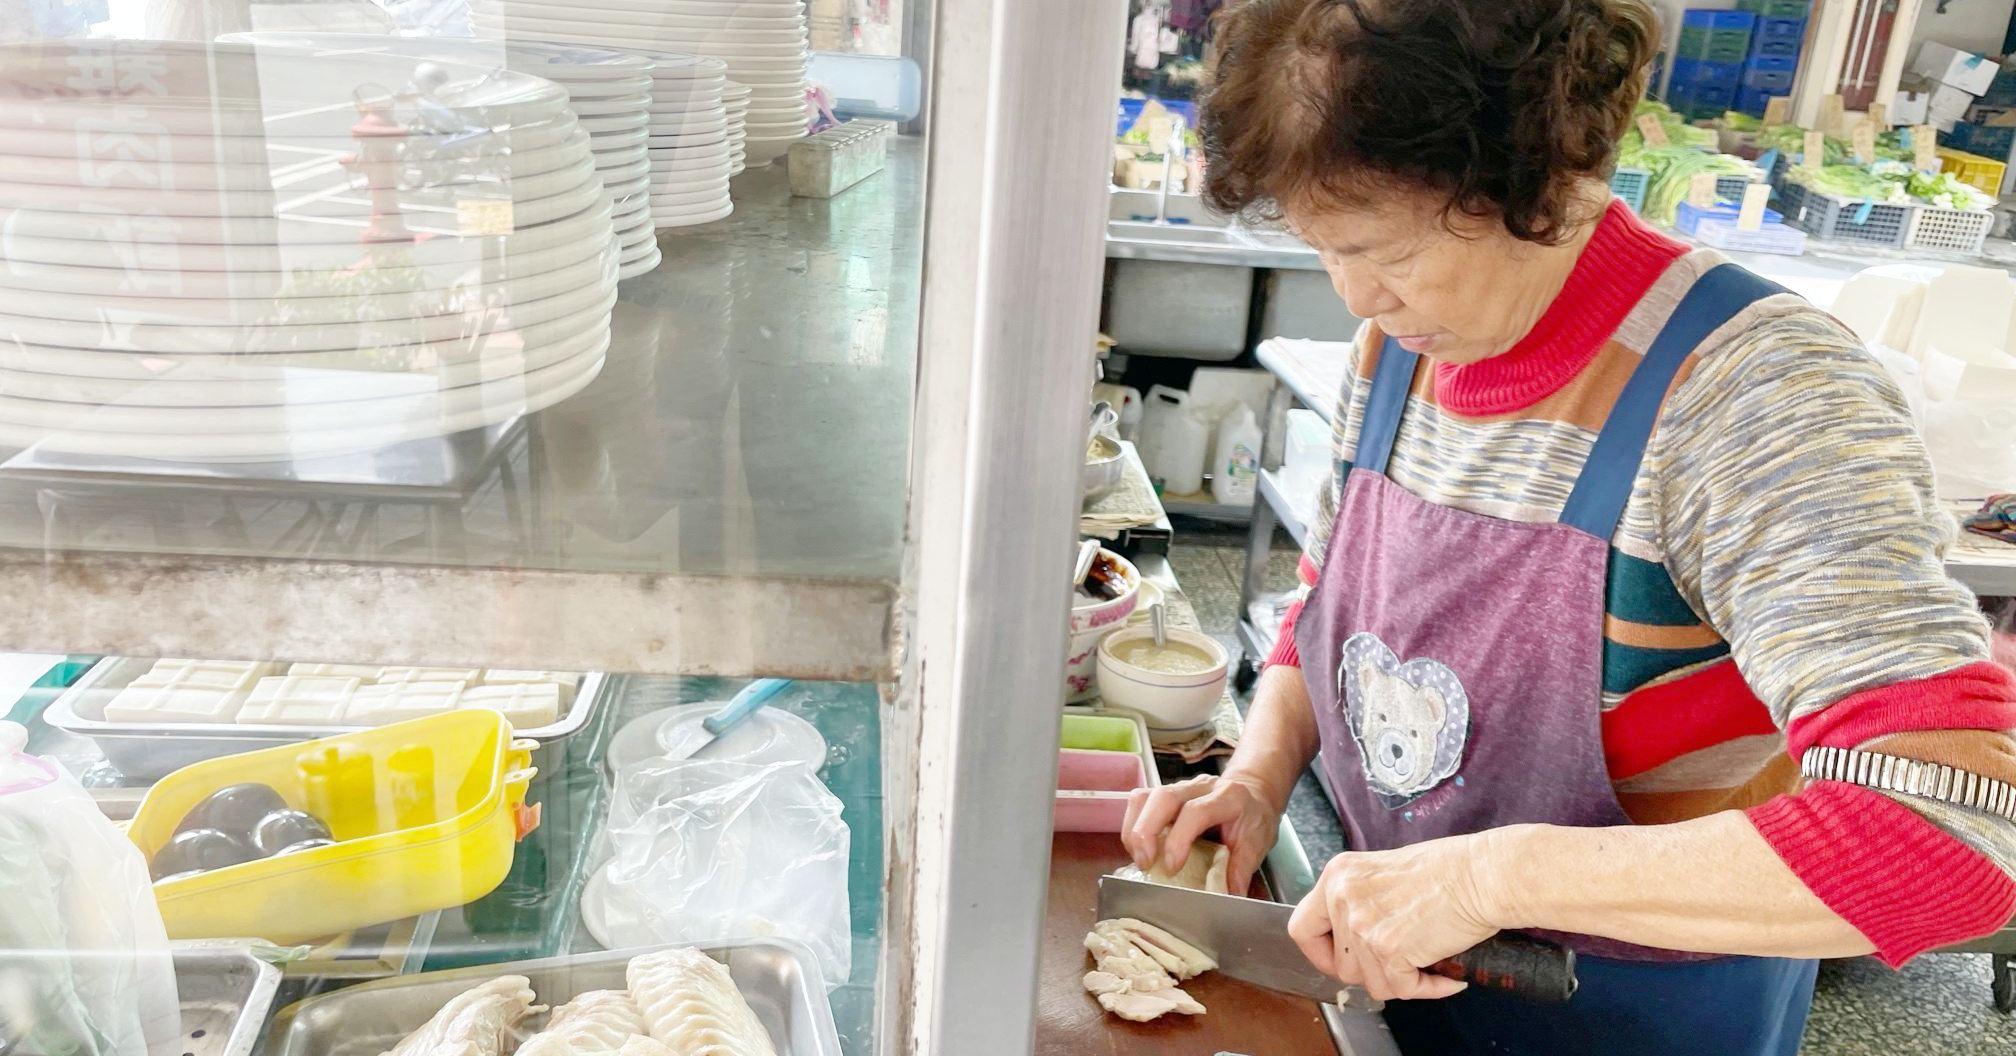 【嘉義火雞肉飯推薦】南田火雞肉飯,營業20小時的雞肉飯